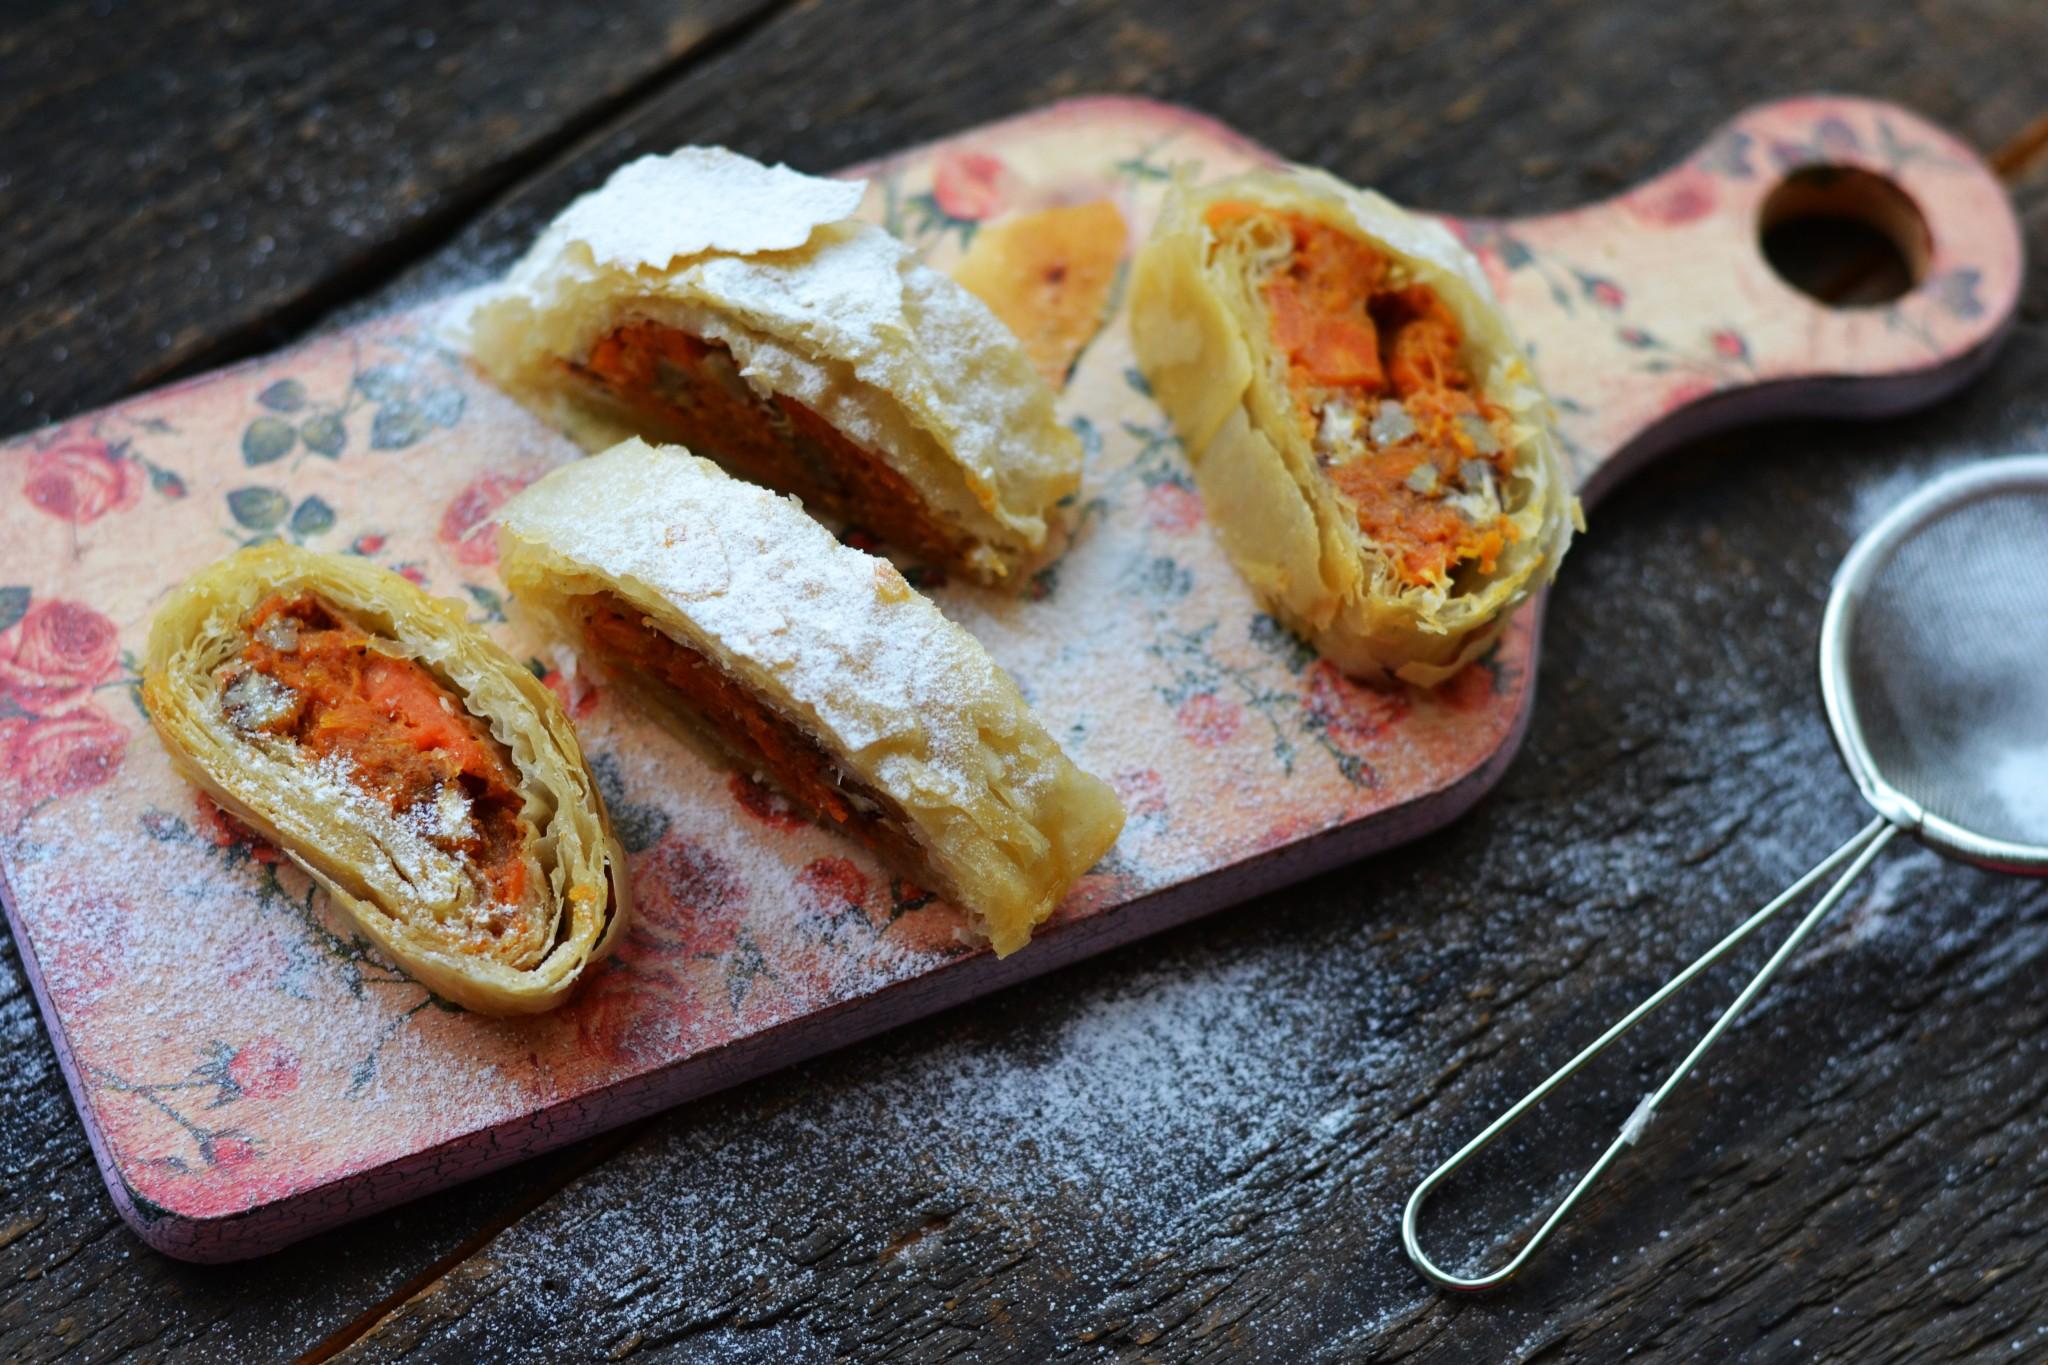 placinta cu morcovi (7)